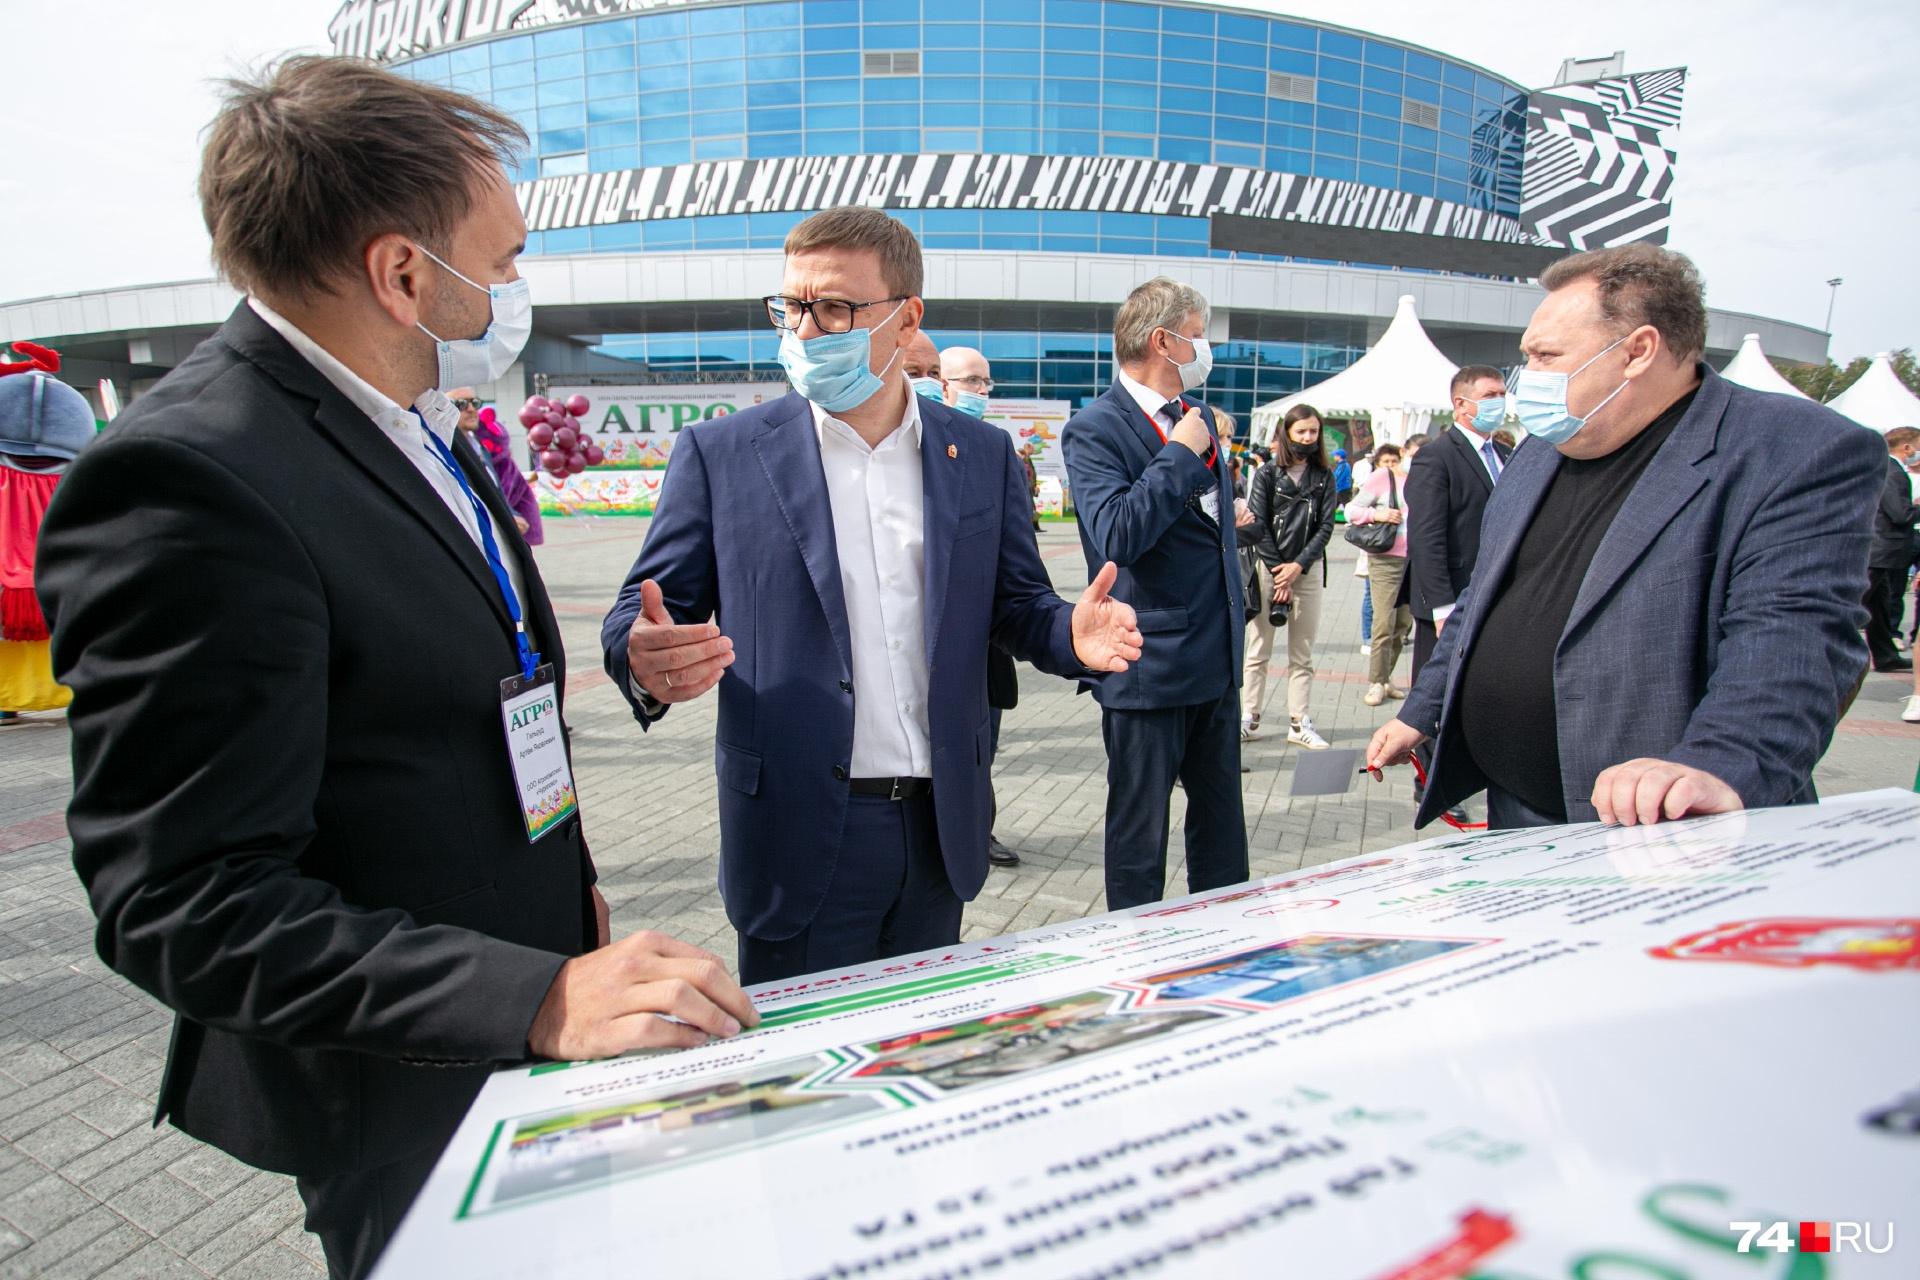 Текслер и его заместитель Сергей Сушков подошли к стенду «Чурилово» — судя по жестам, речь идёт о гигантских огурцах